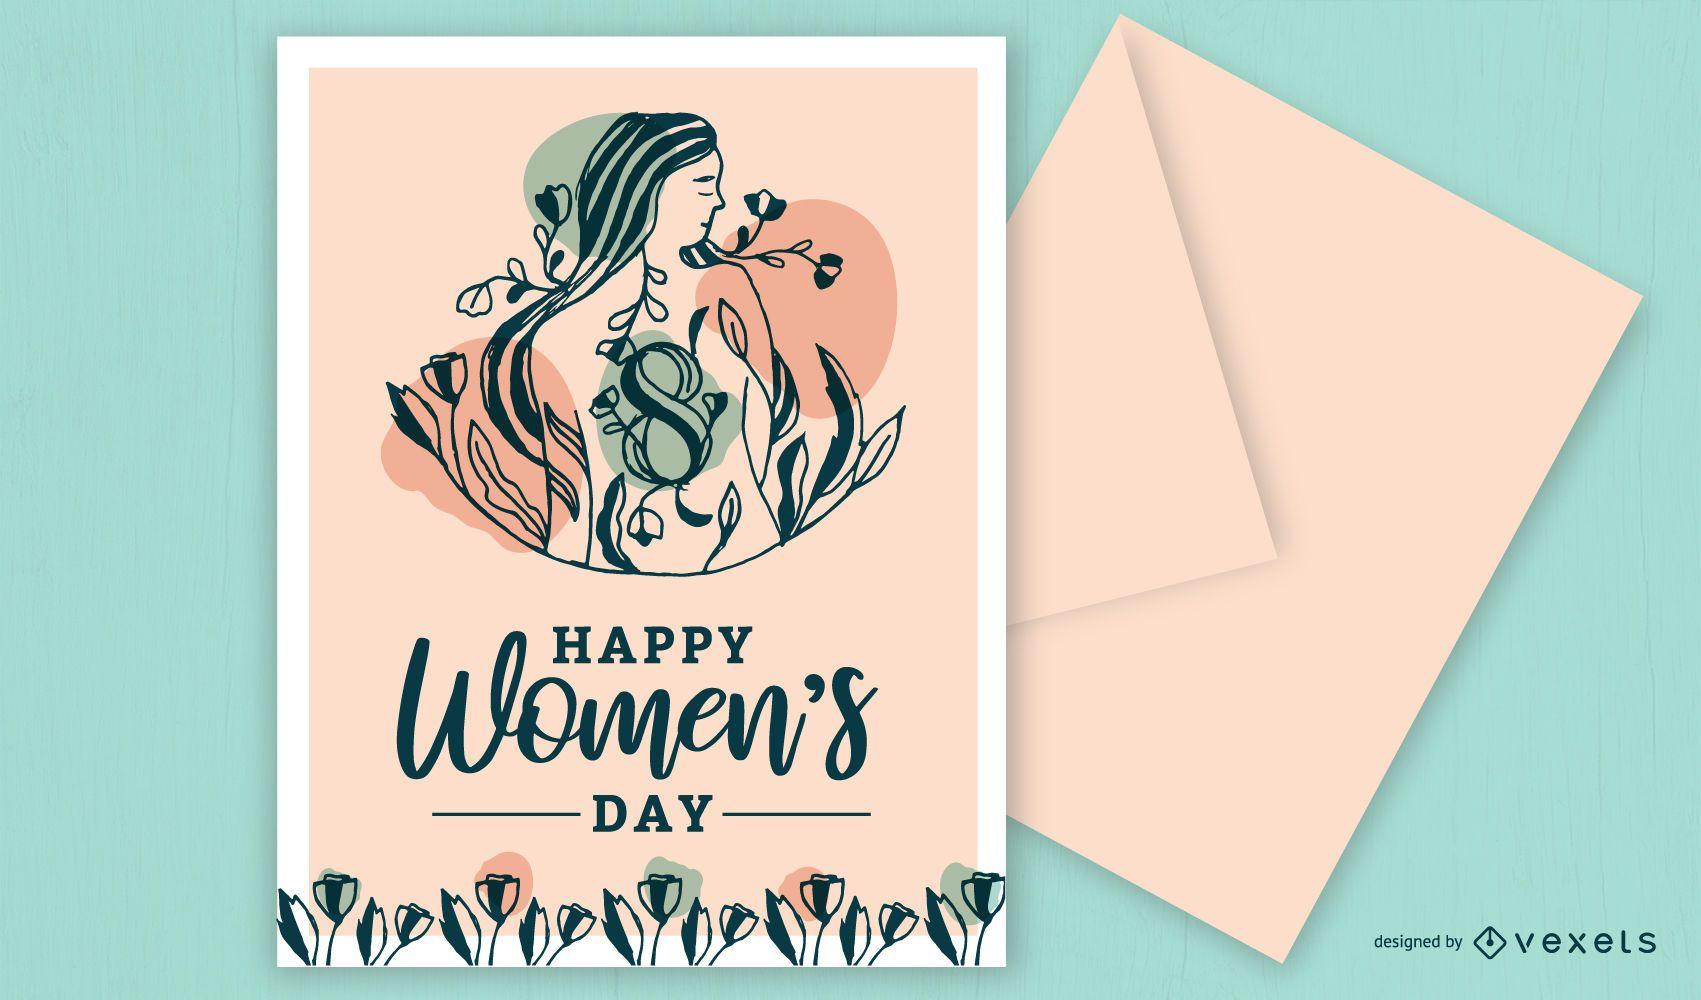 Feliz Dia da Mulher Design de cart?o